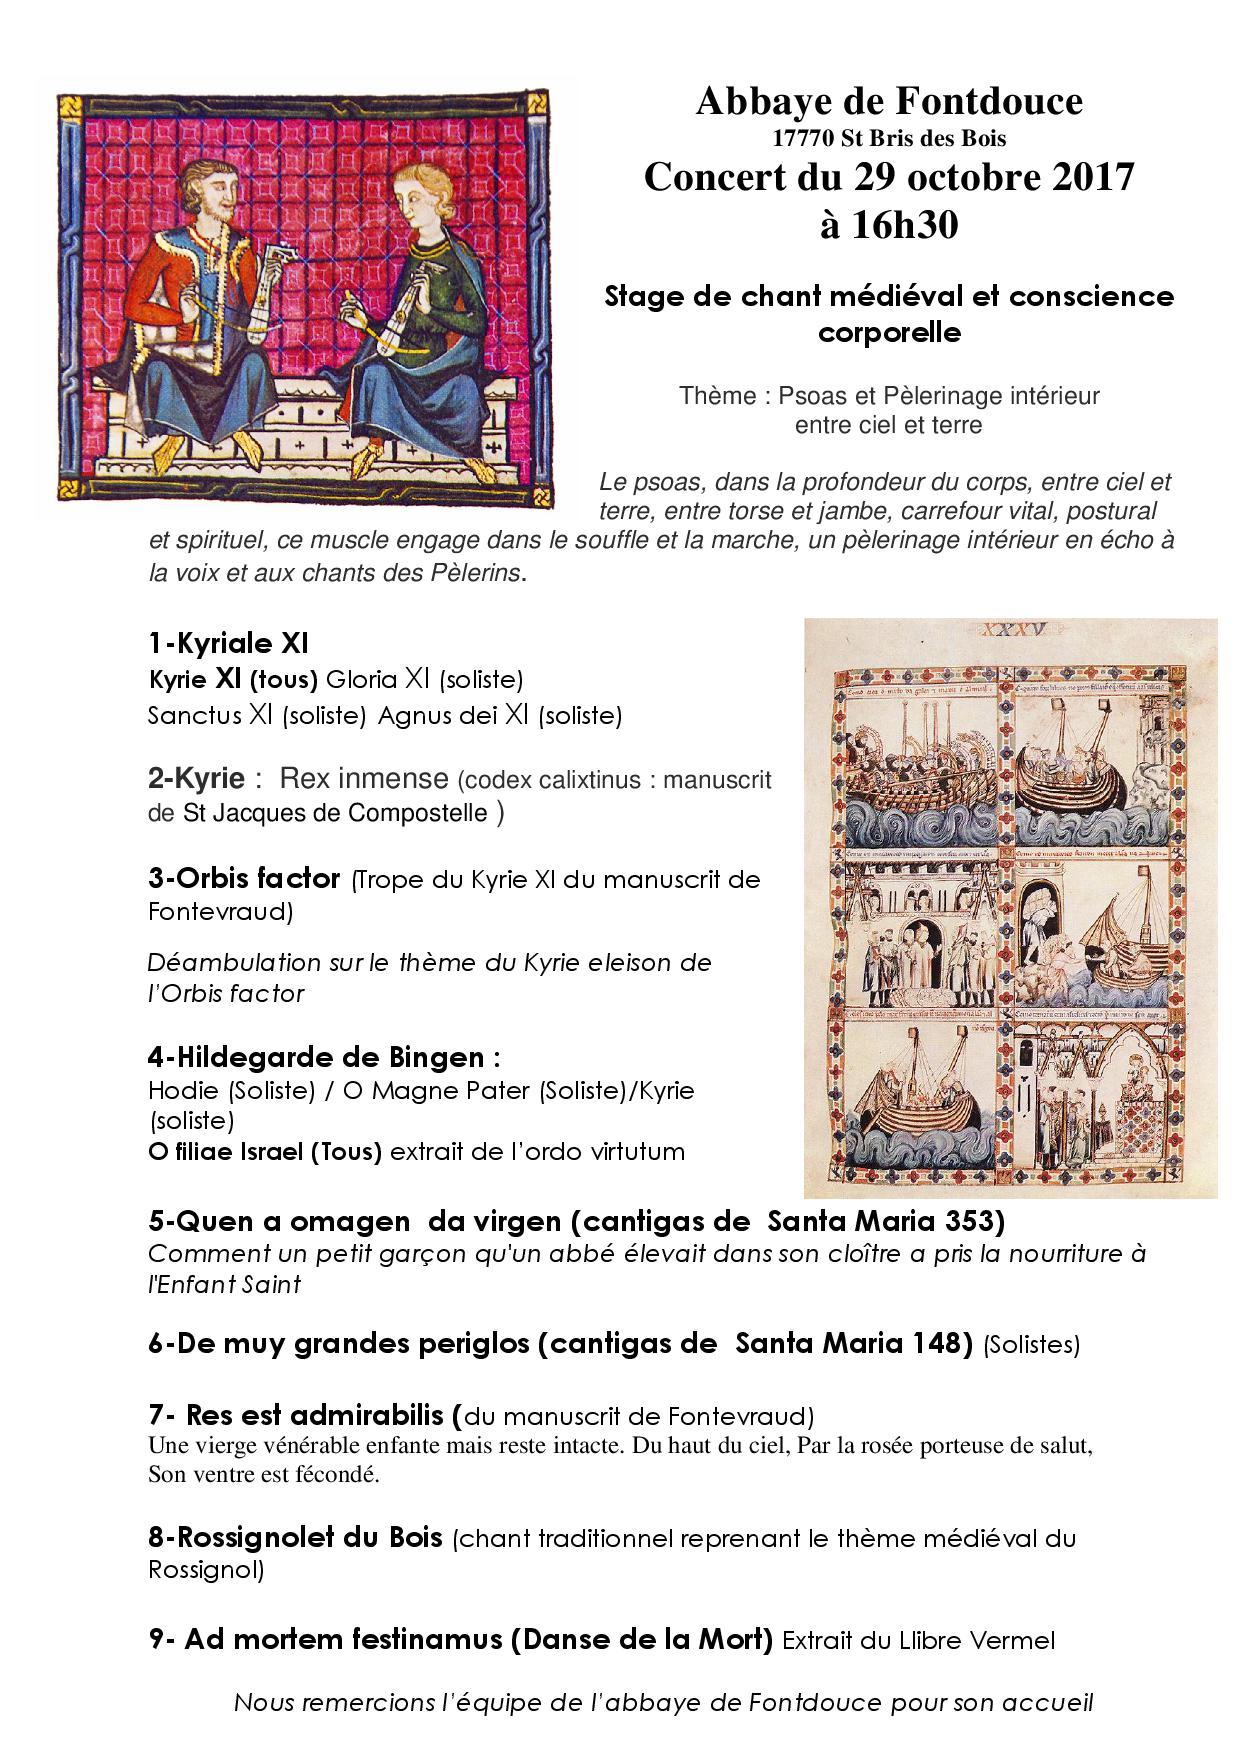 Concert de chant médiéval 2017 à l'Abbaye de Fontdouce